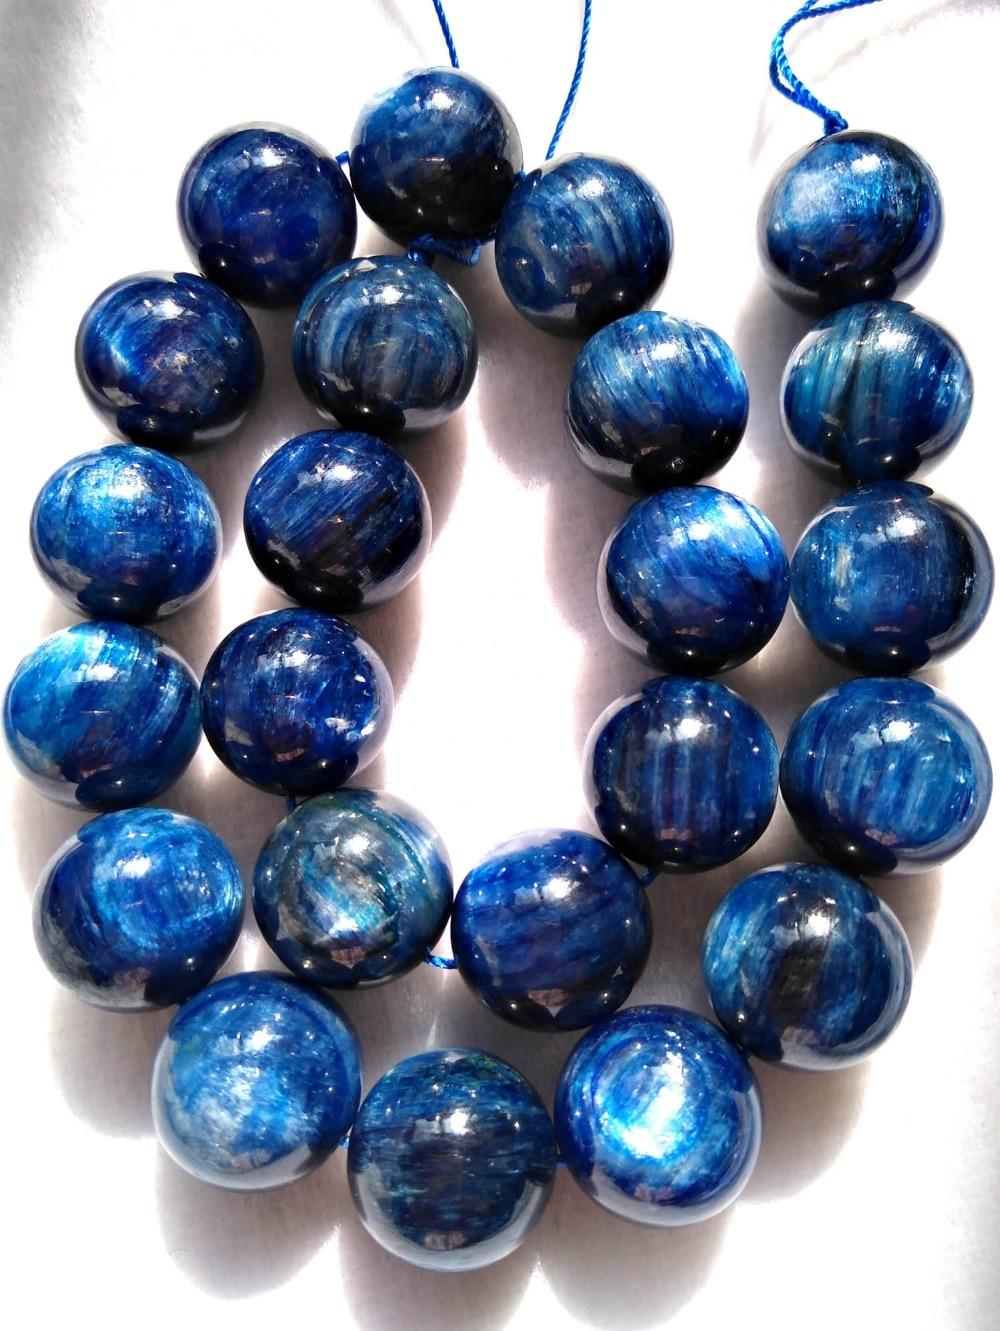 Grade AAAA Natural Kyanite Beads Round Blue Quartz Beads Roundness 4mm 6mm 8mm Bead 15 Full Strand Jewelry Gemstone Beads Wholesale B027